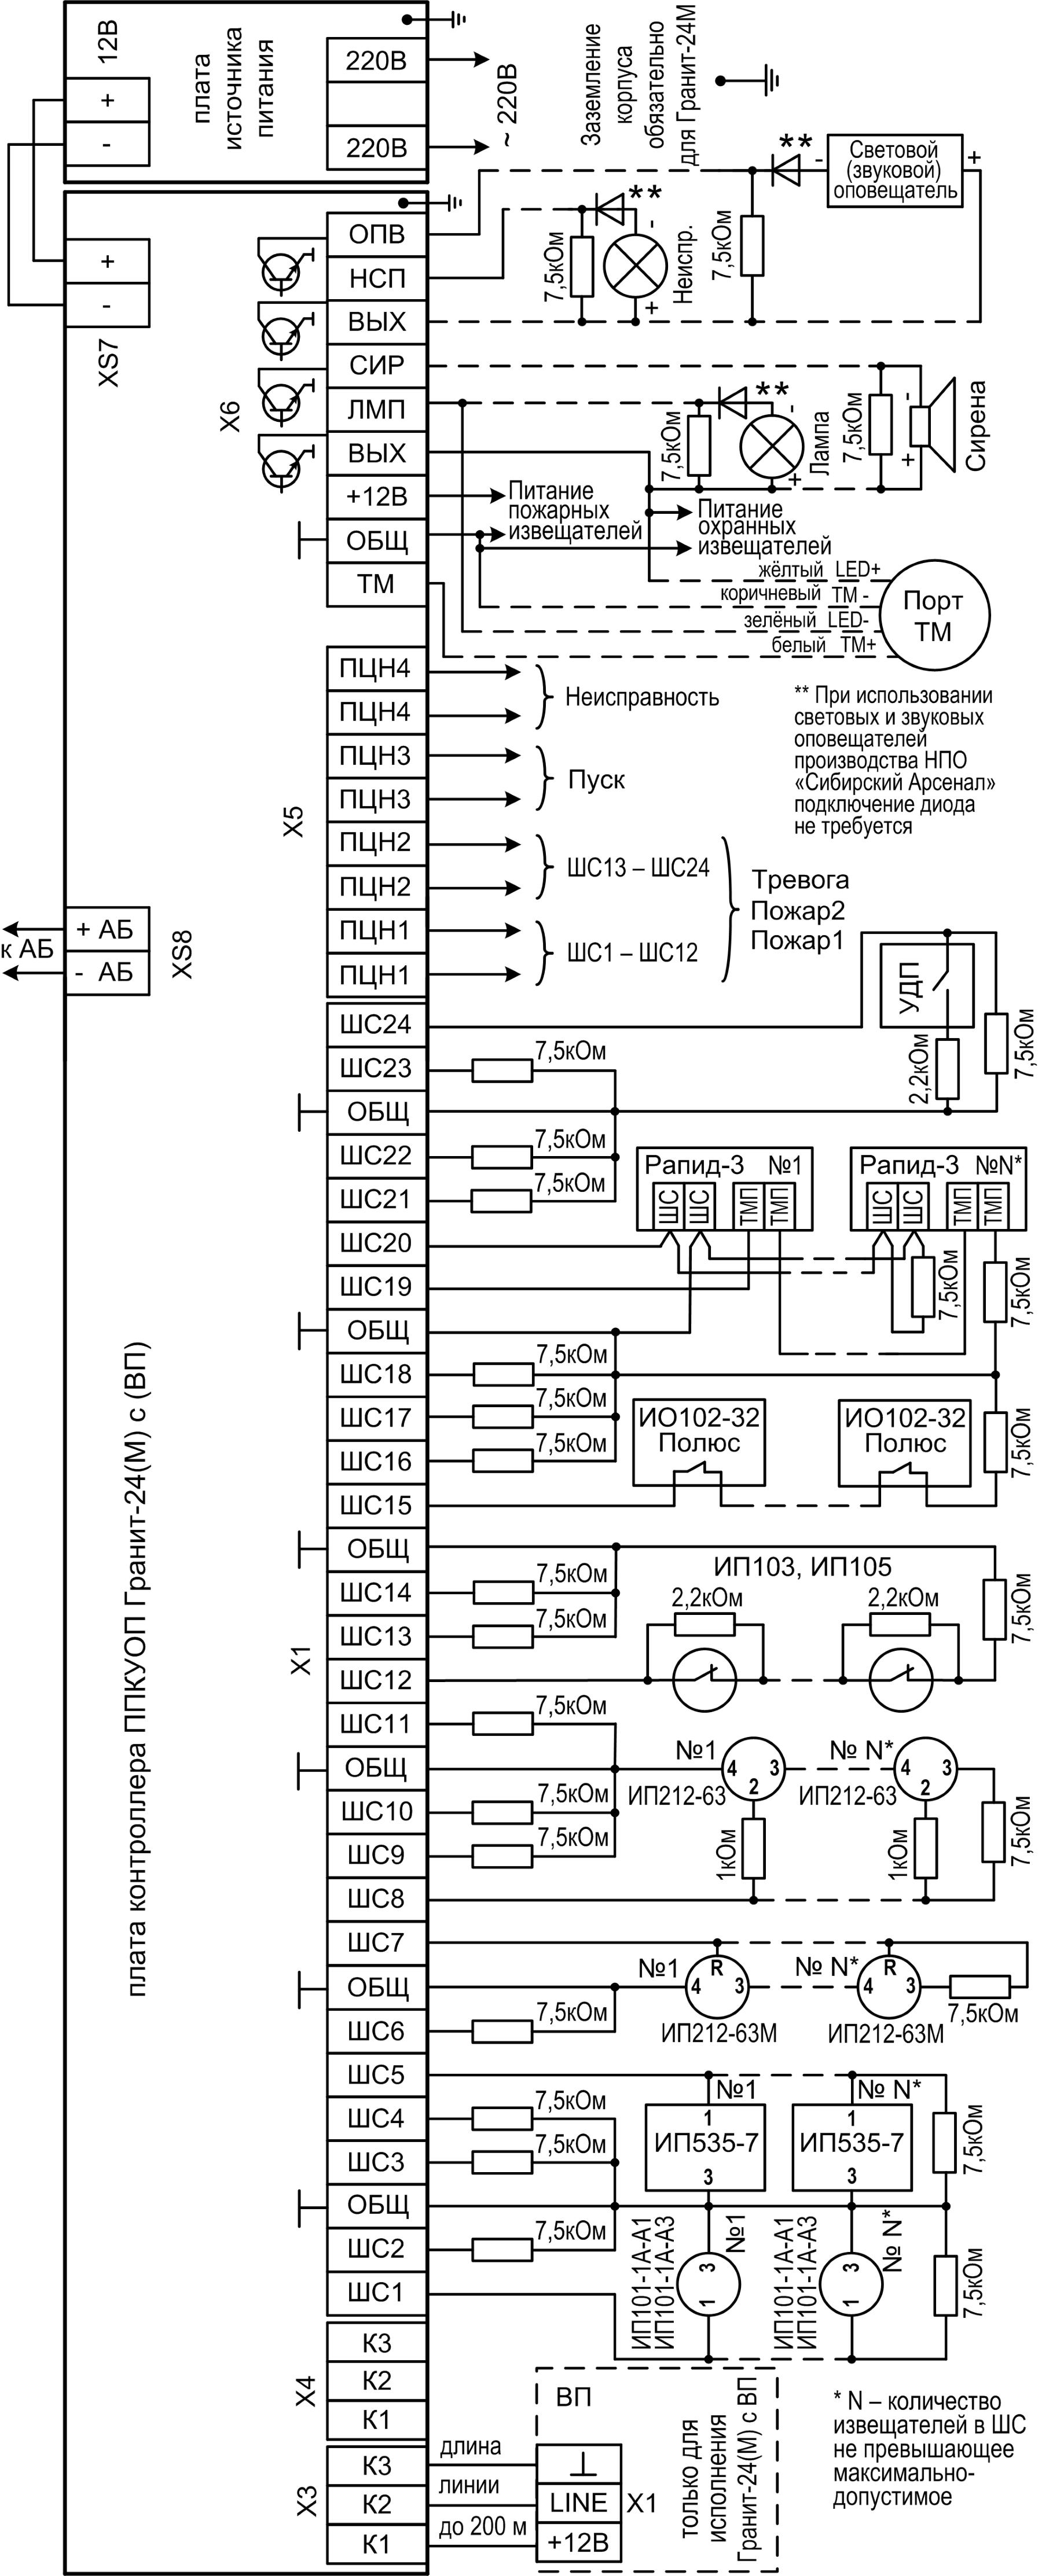 схема ио102-14 (смк-14)